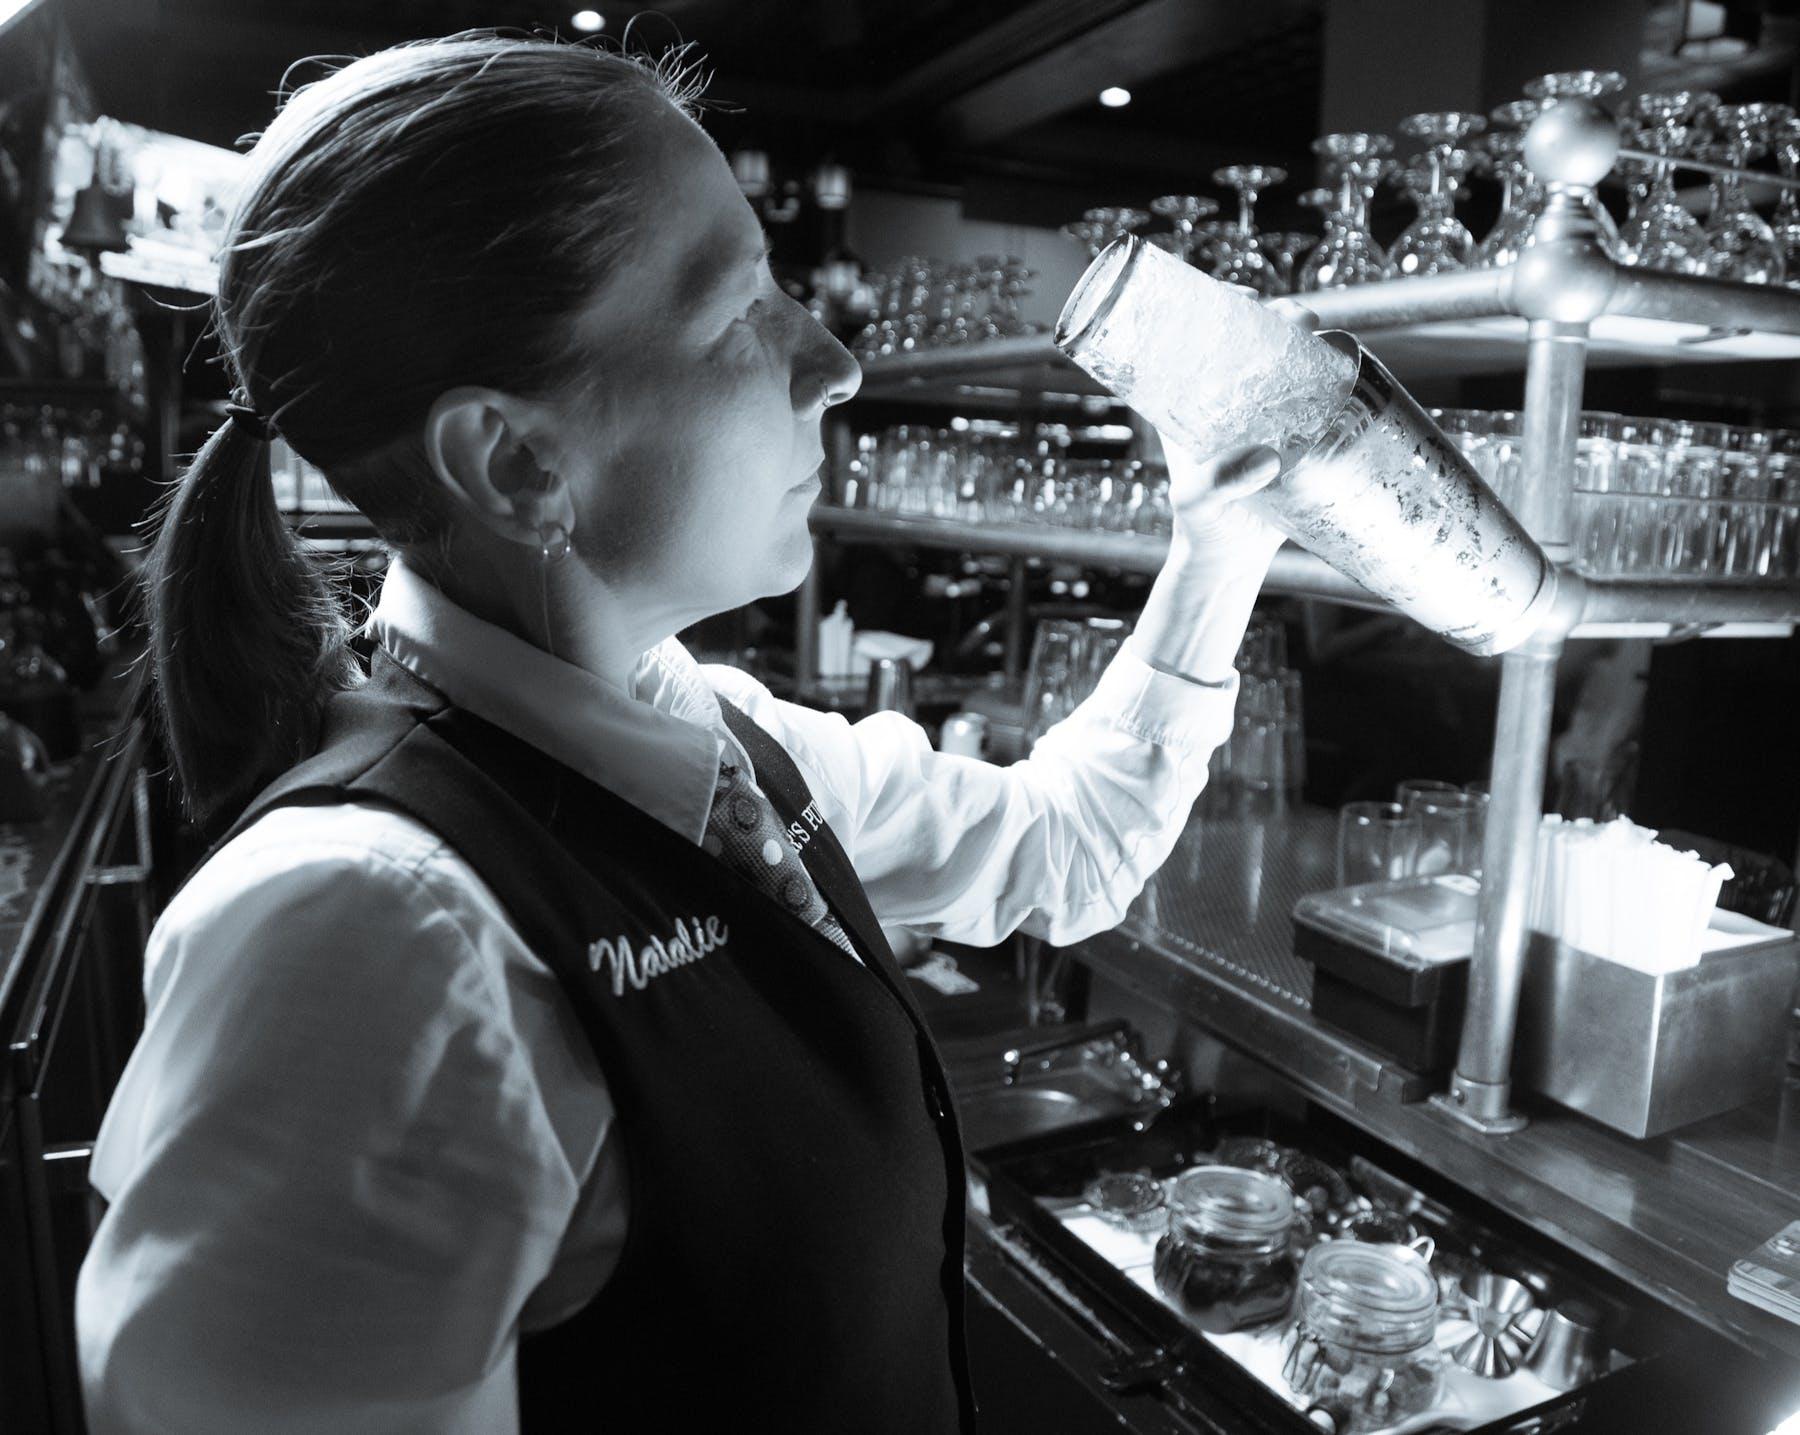 Natalie martini shake